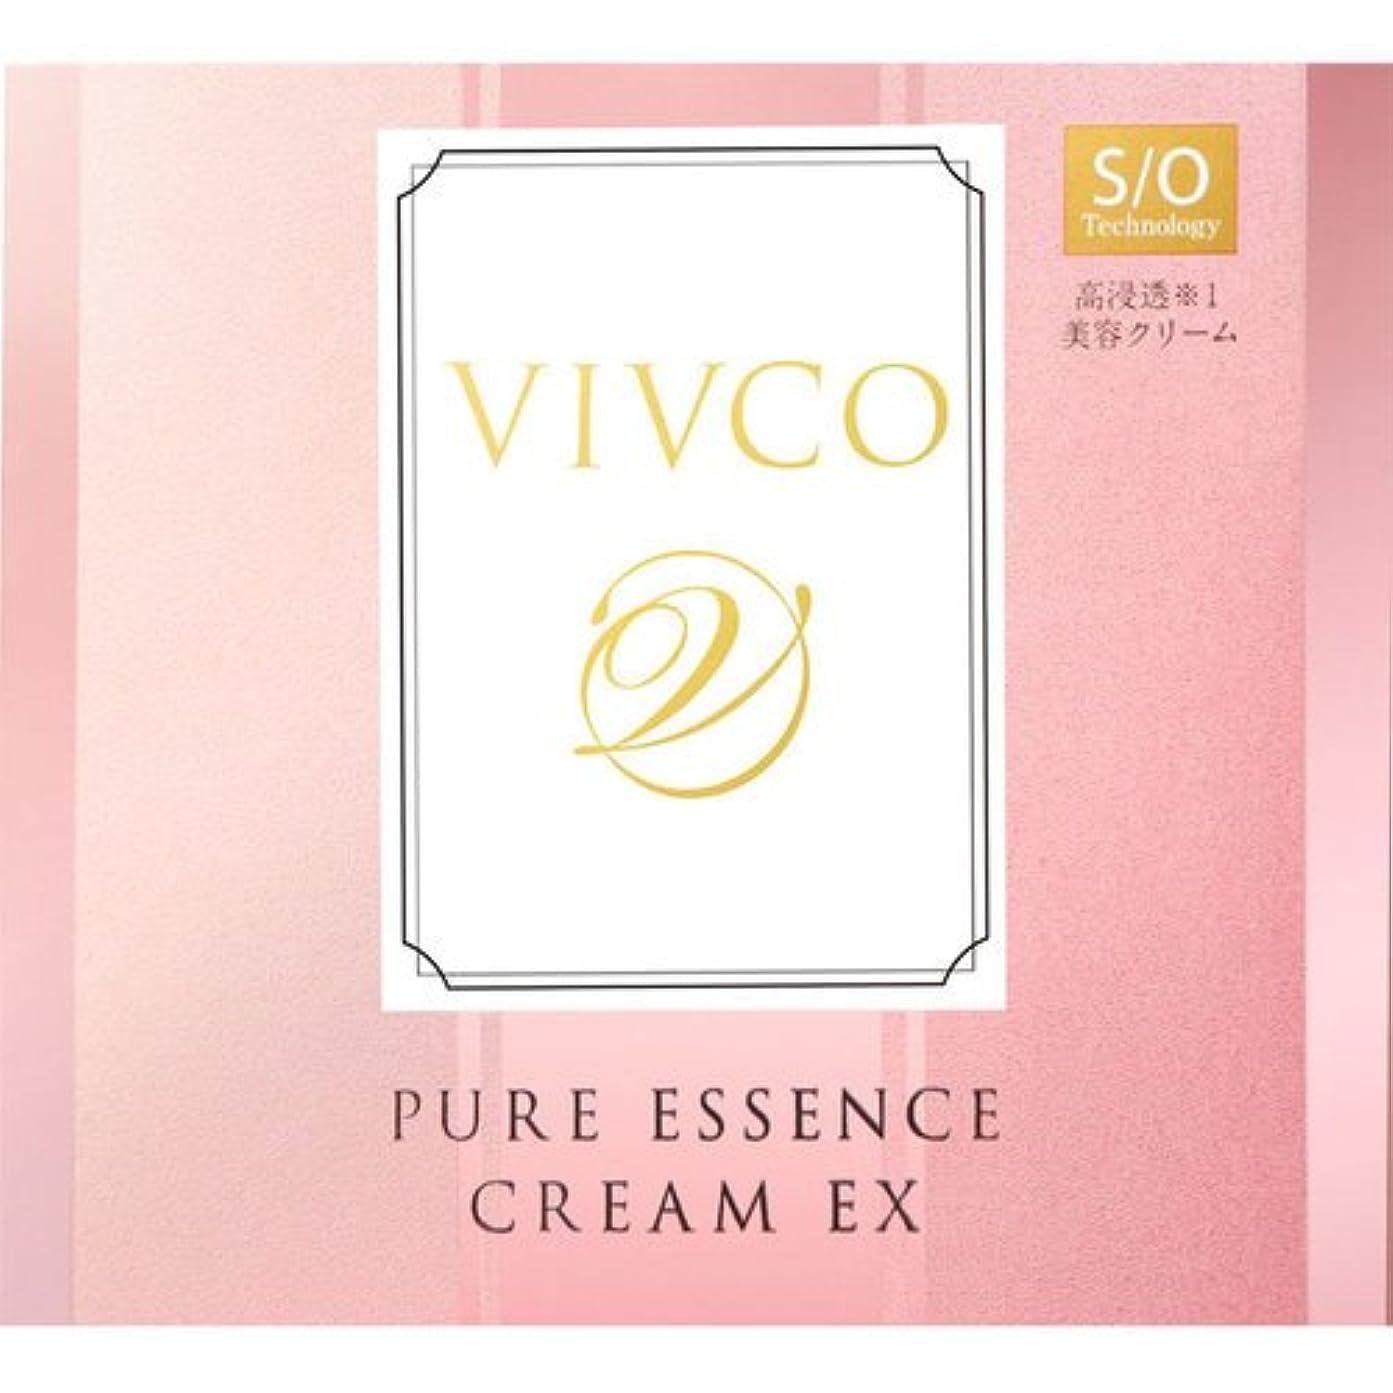 甥露出度の高い好色なヴィヴコ ピュアエッセンス クリーム EX 60g